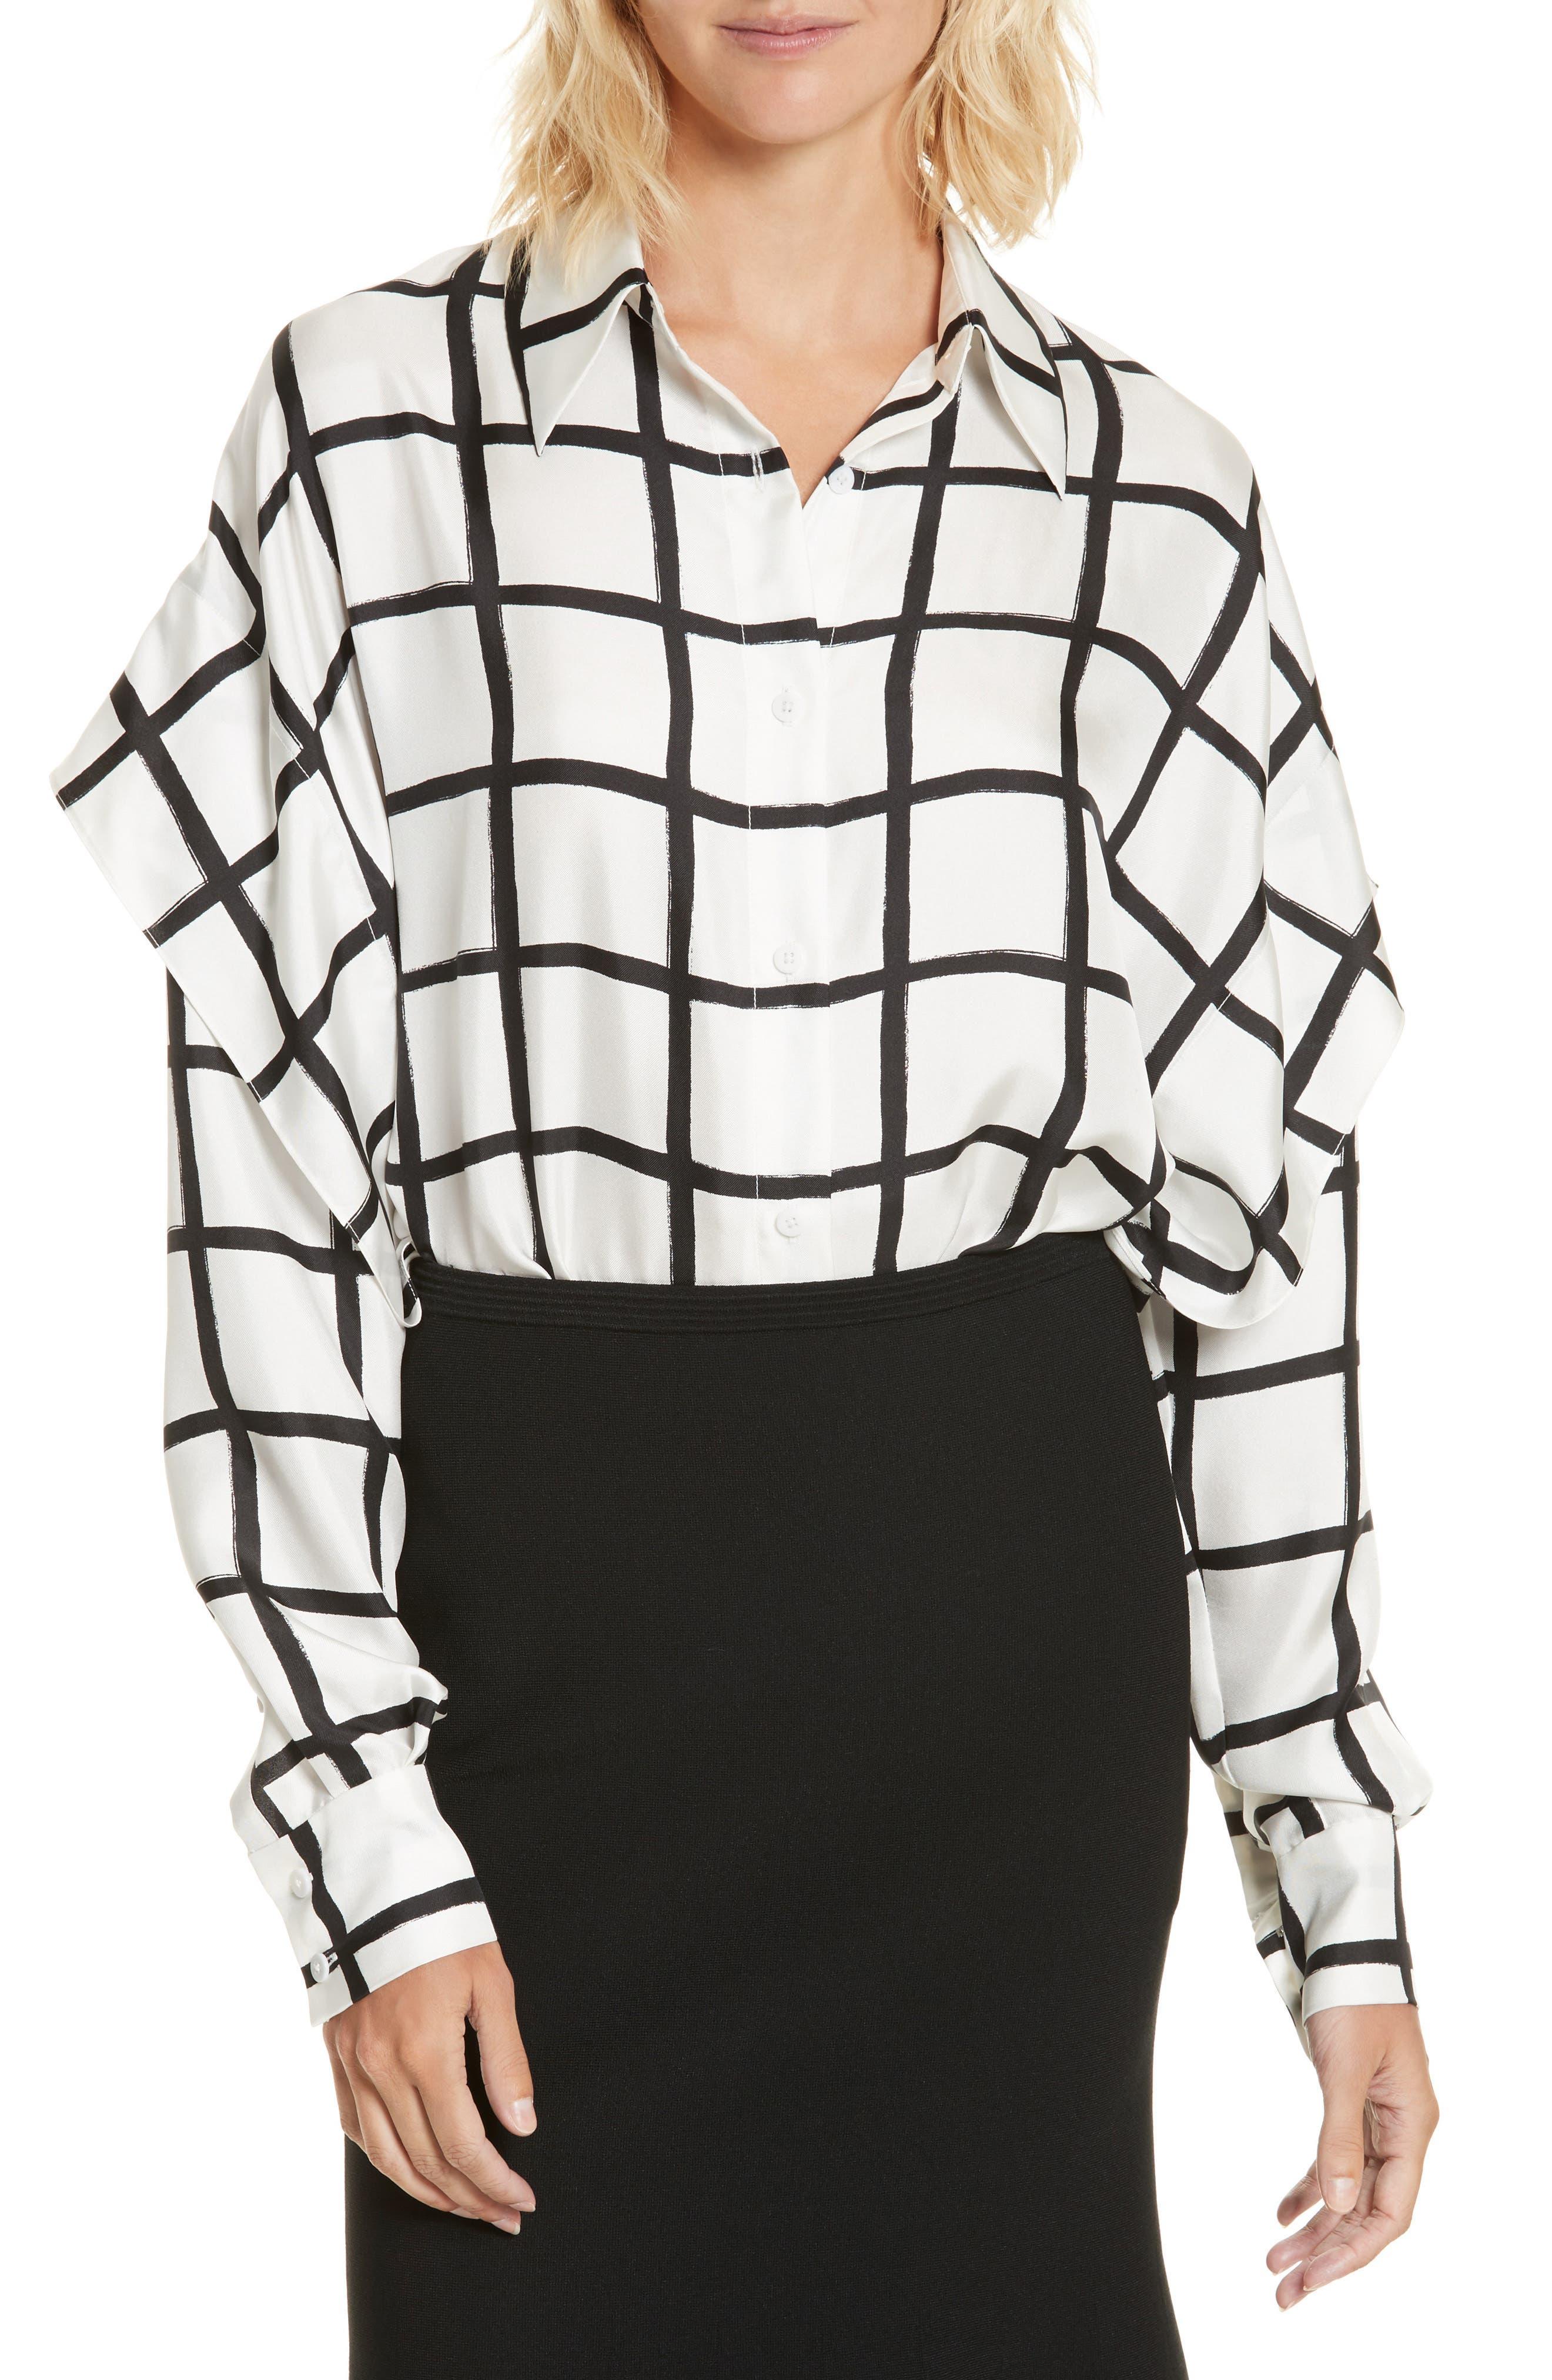 Diane von Furstenberg Windowpane Plaid Button Down Silk Shirt,                             Main thumbnail 1, color,                             178